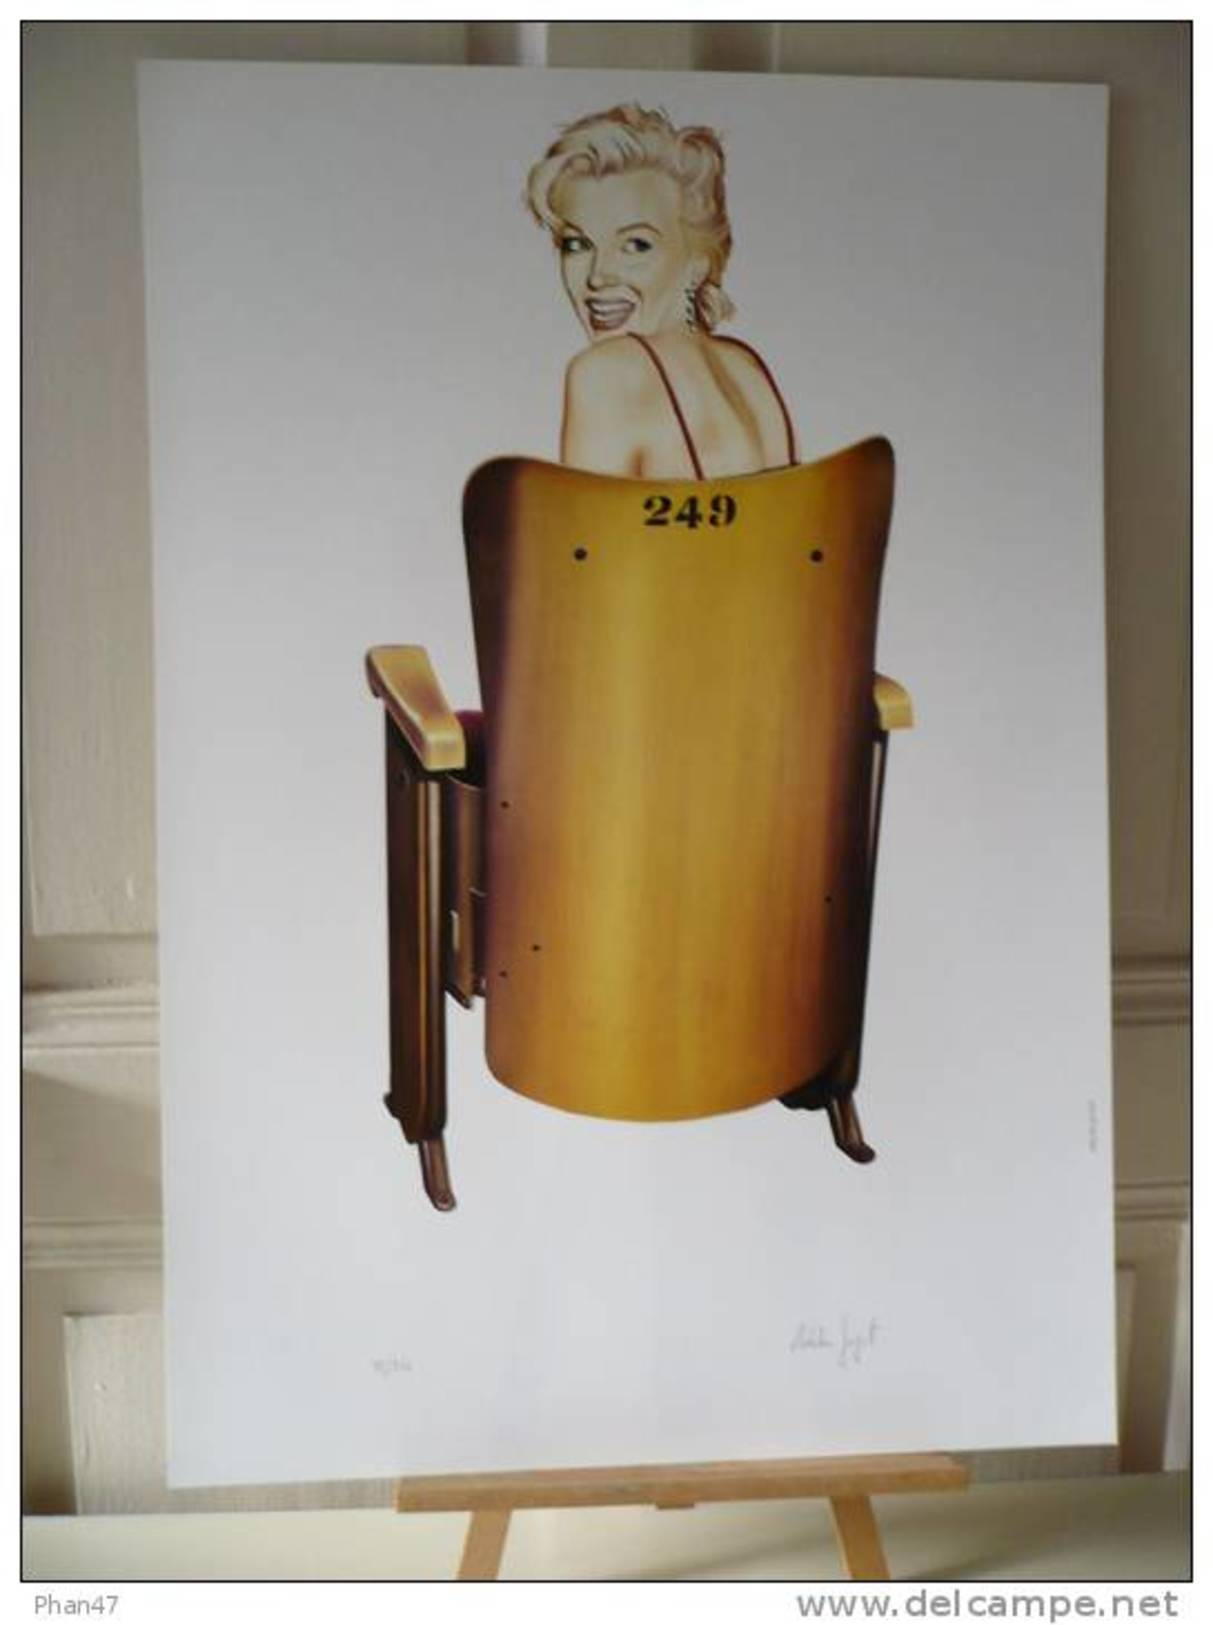 GUYOT Adelin, Marilyn Monroe Sur Un Fauteuil De Cinéma,  Affiche De Galerie, Signée Main, Numérotée, Parfaitement Neuve - Affiches